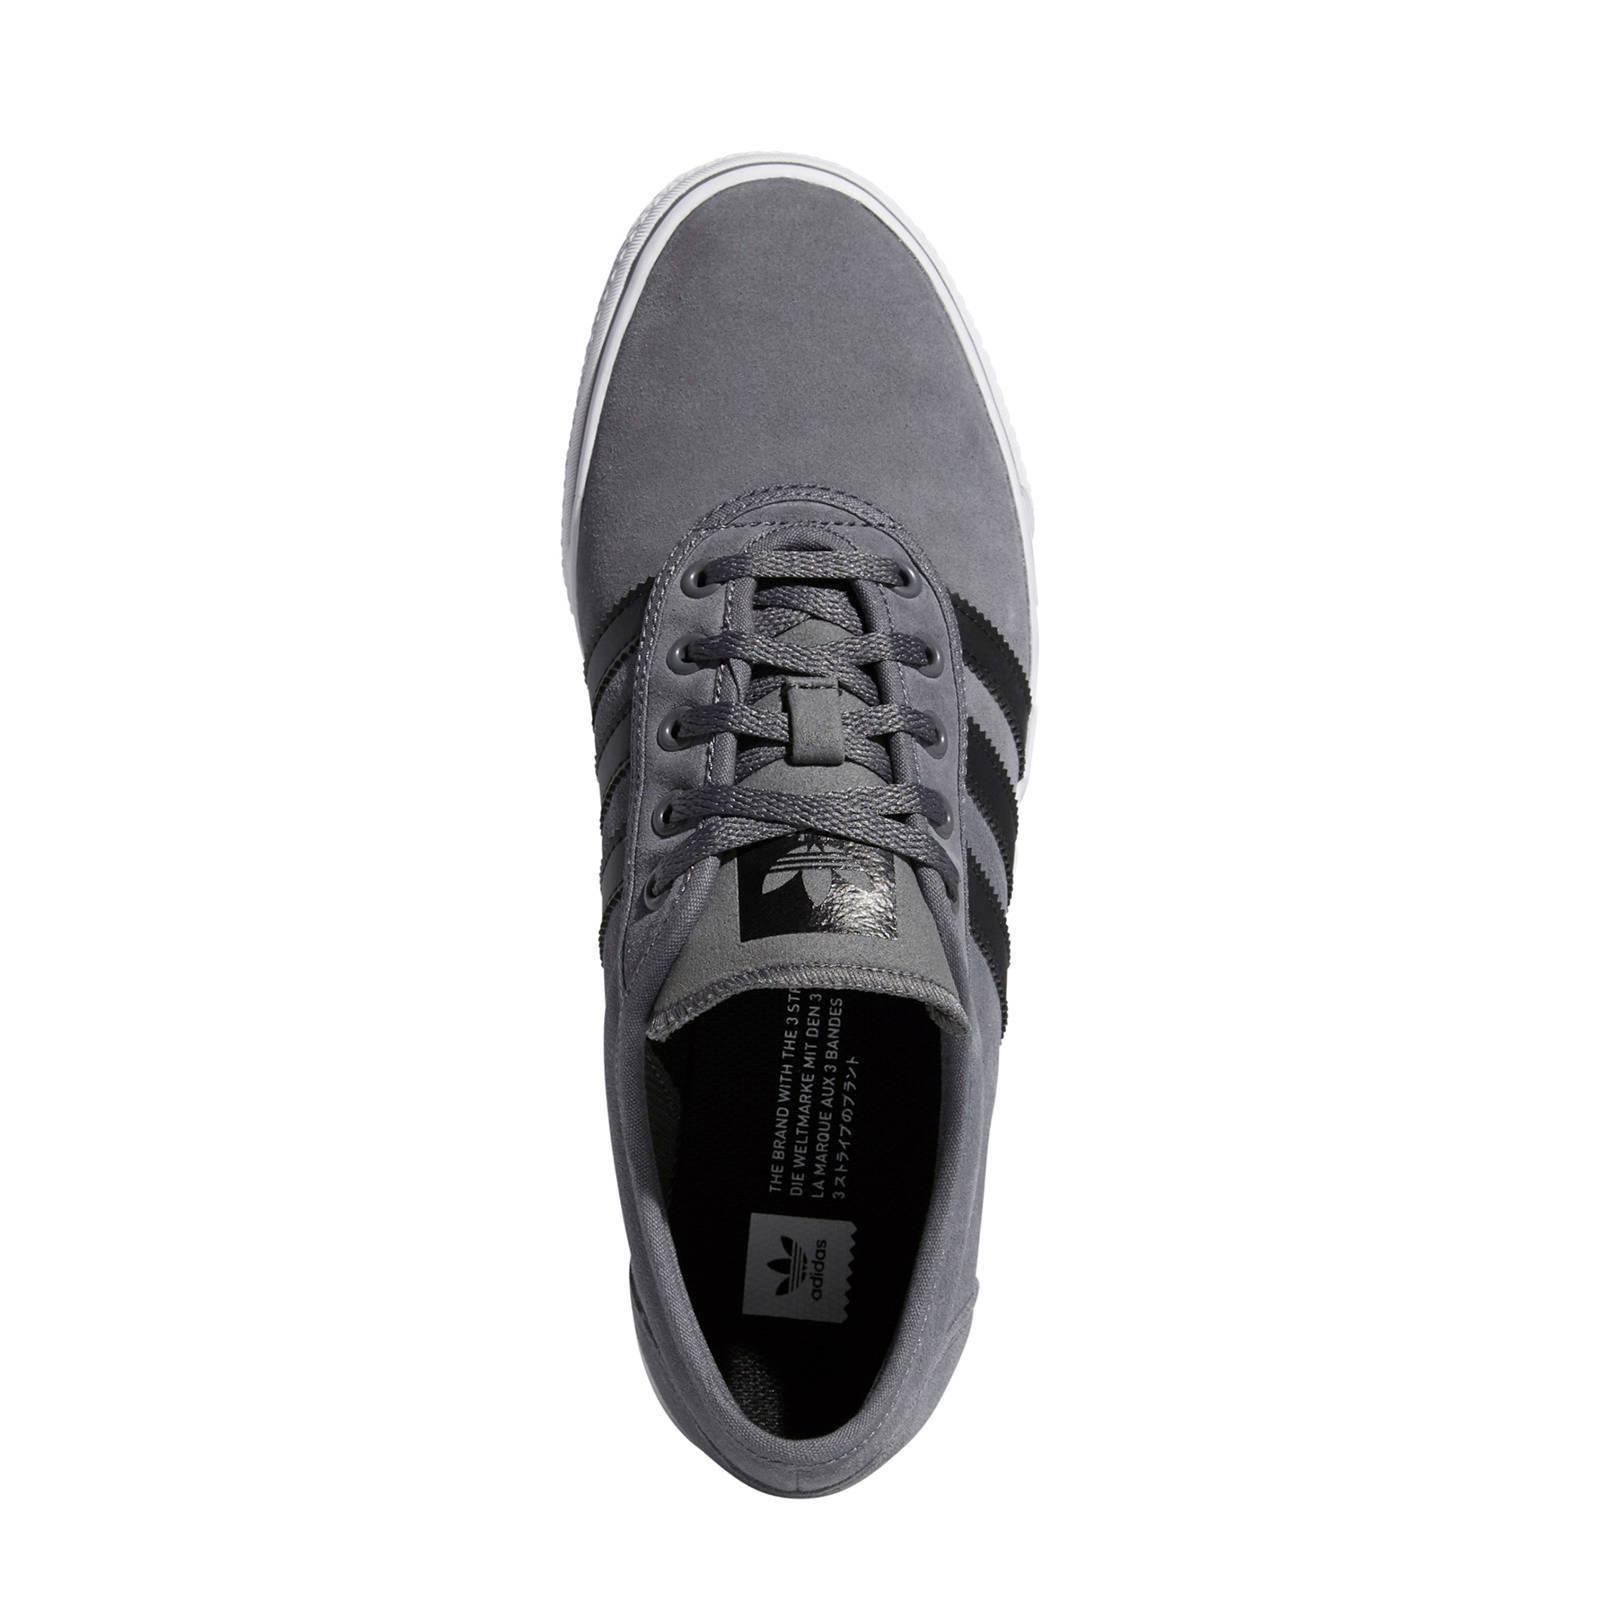 adidas Originals Adi-ease Sneakers Grijs/zwart/wit in het Grijs voor heren